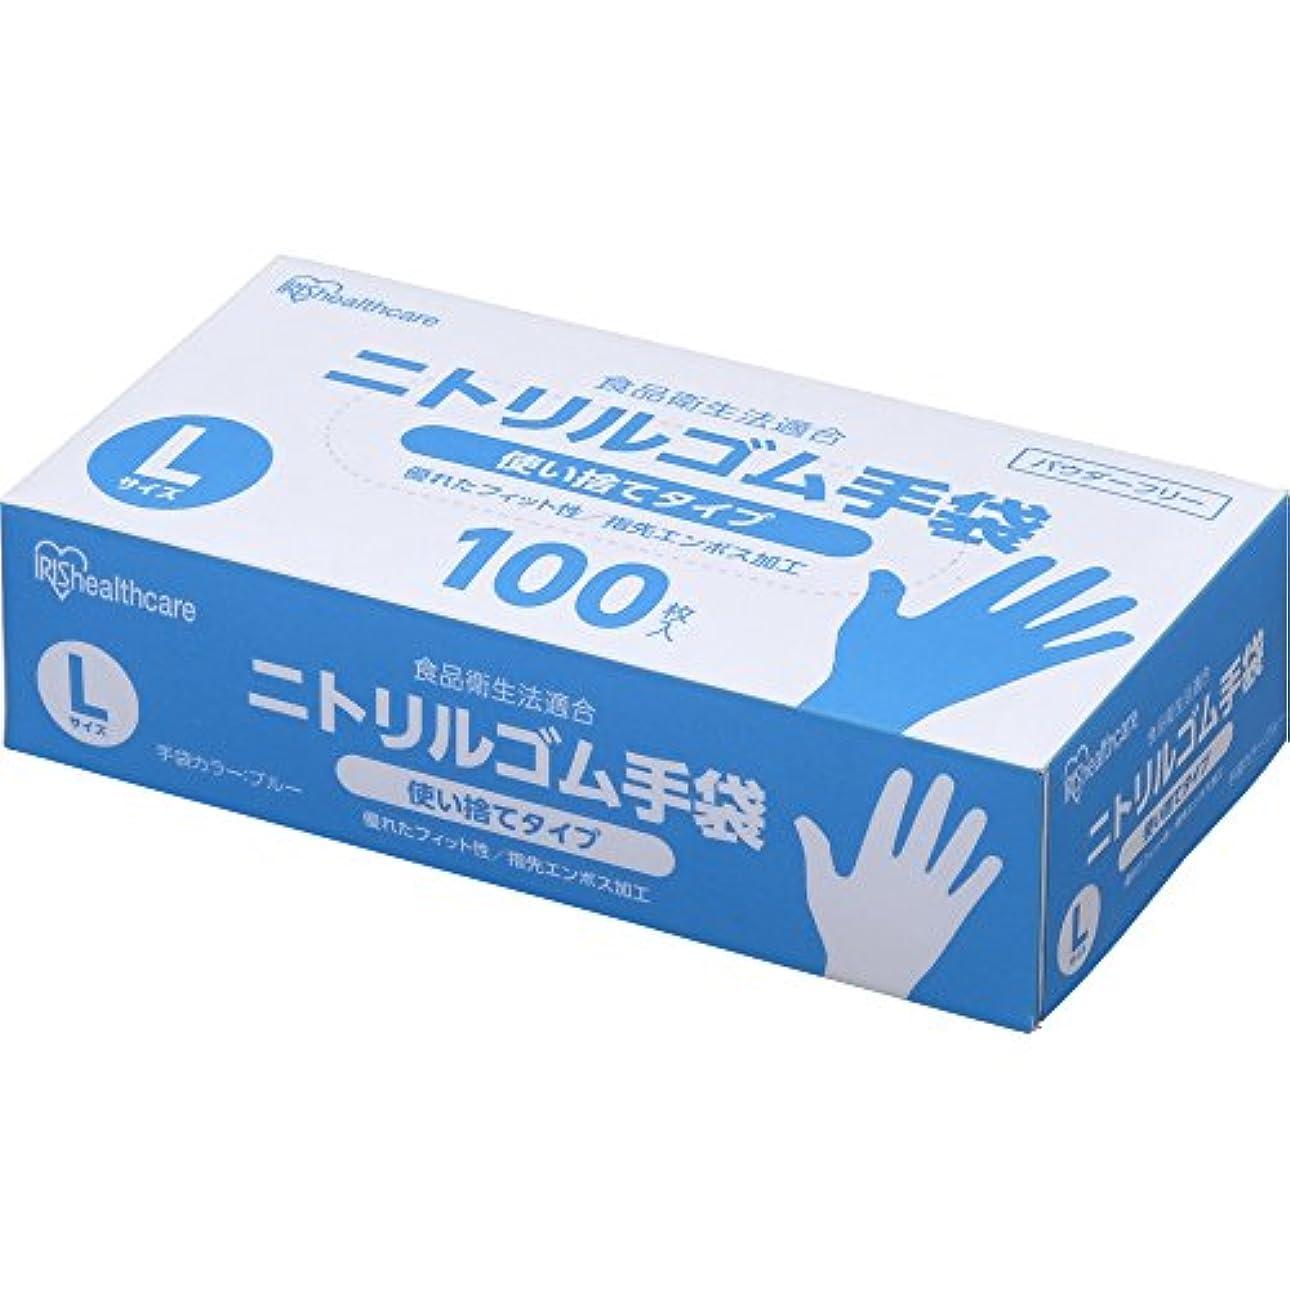 暴力的な農学ドロップアイリスオーヤマ 使い捨て手袋 ブルー ニトリルゴム 100枚 Lサイズ 業務用